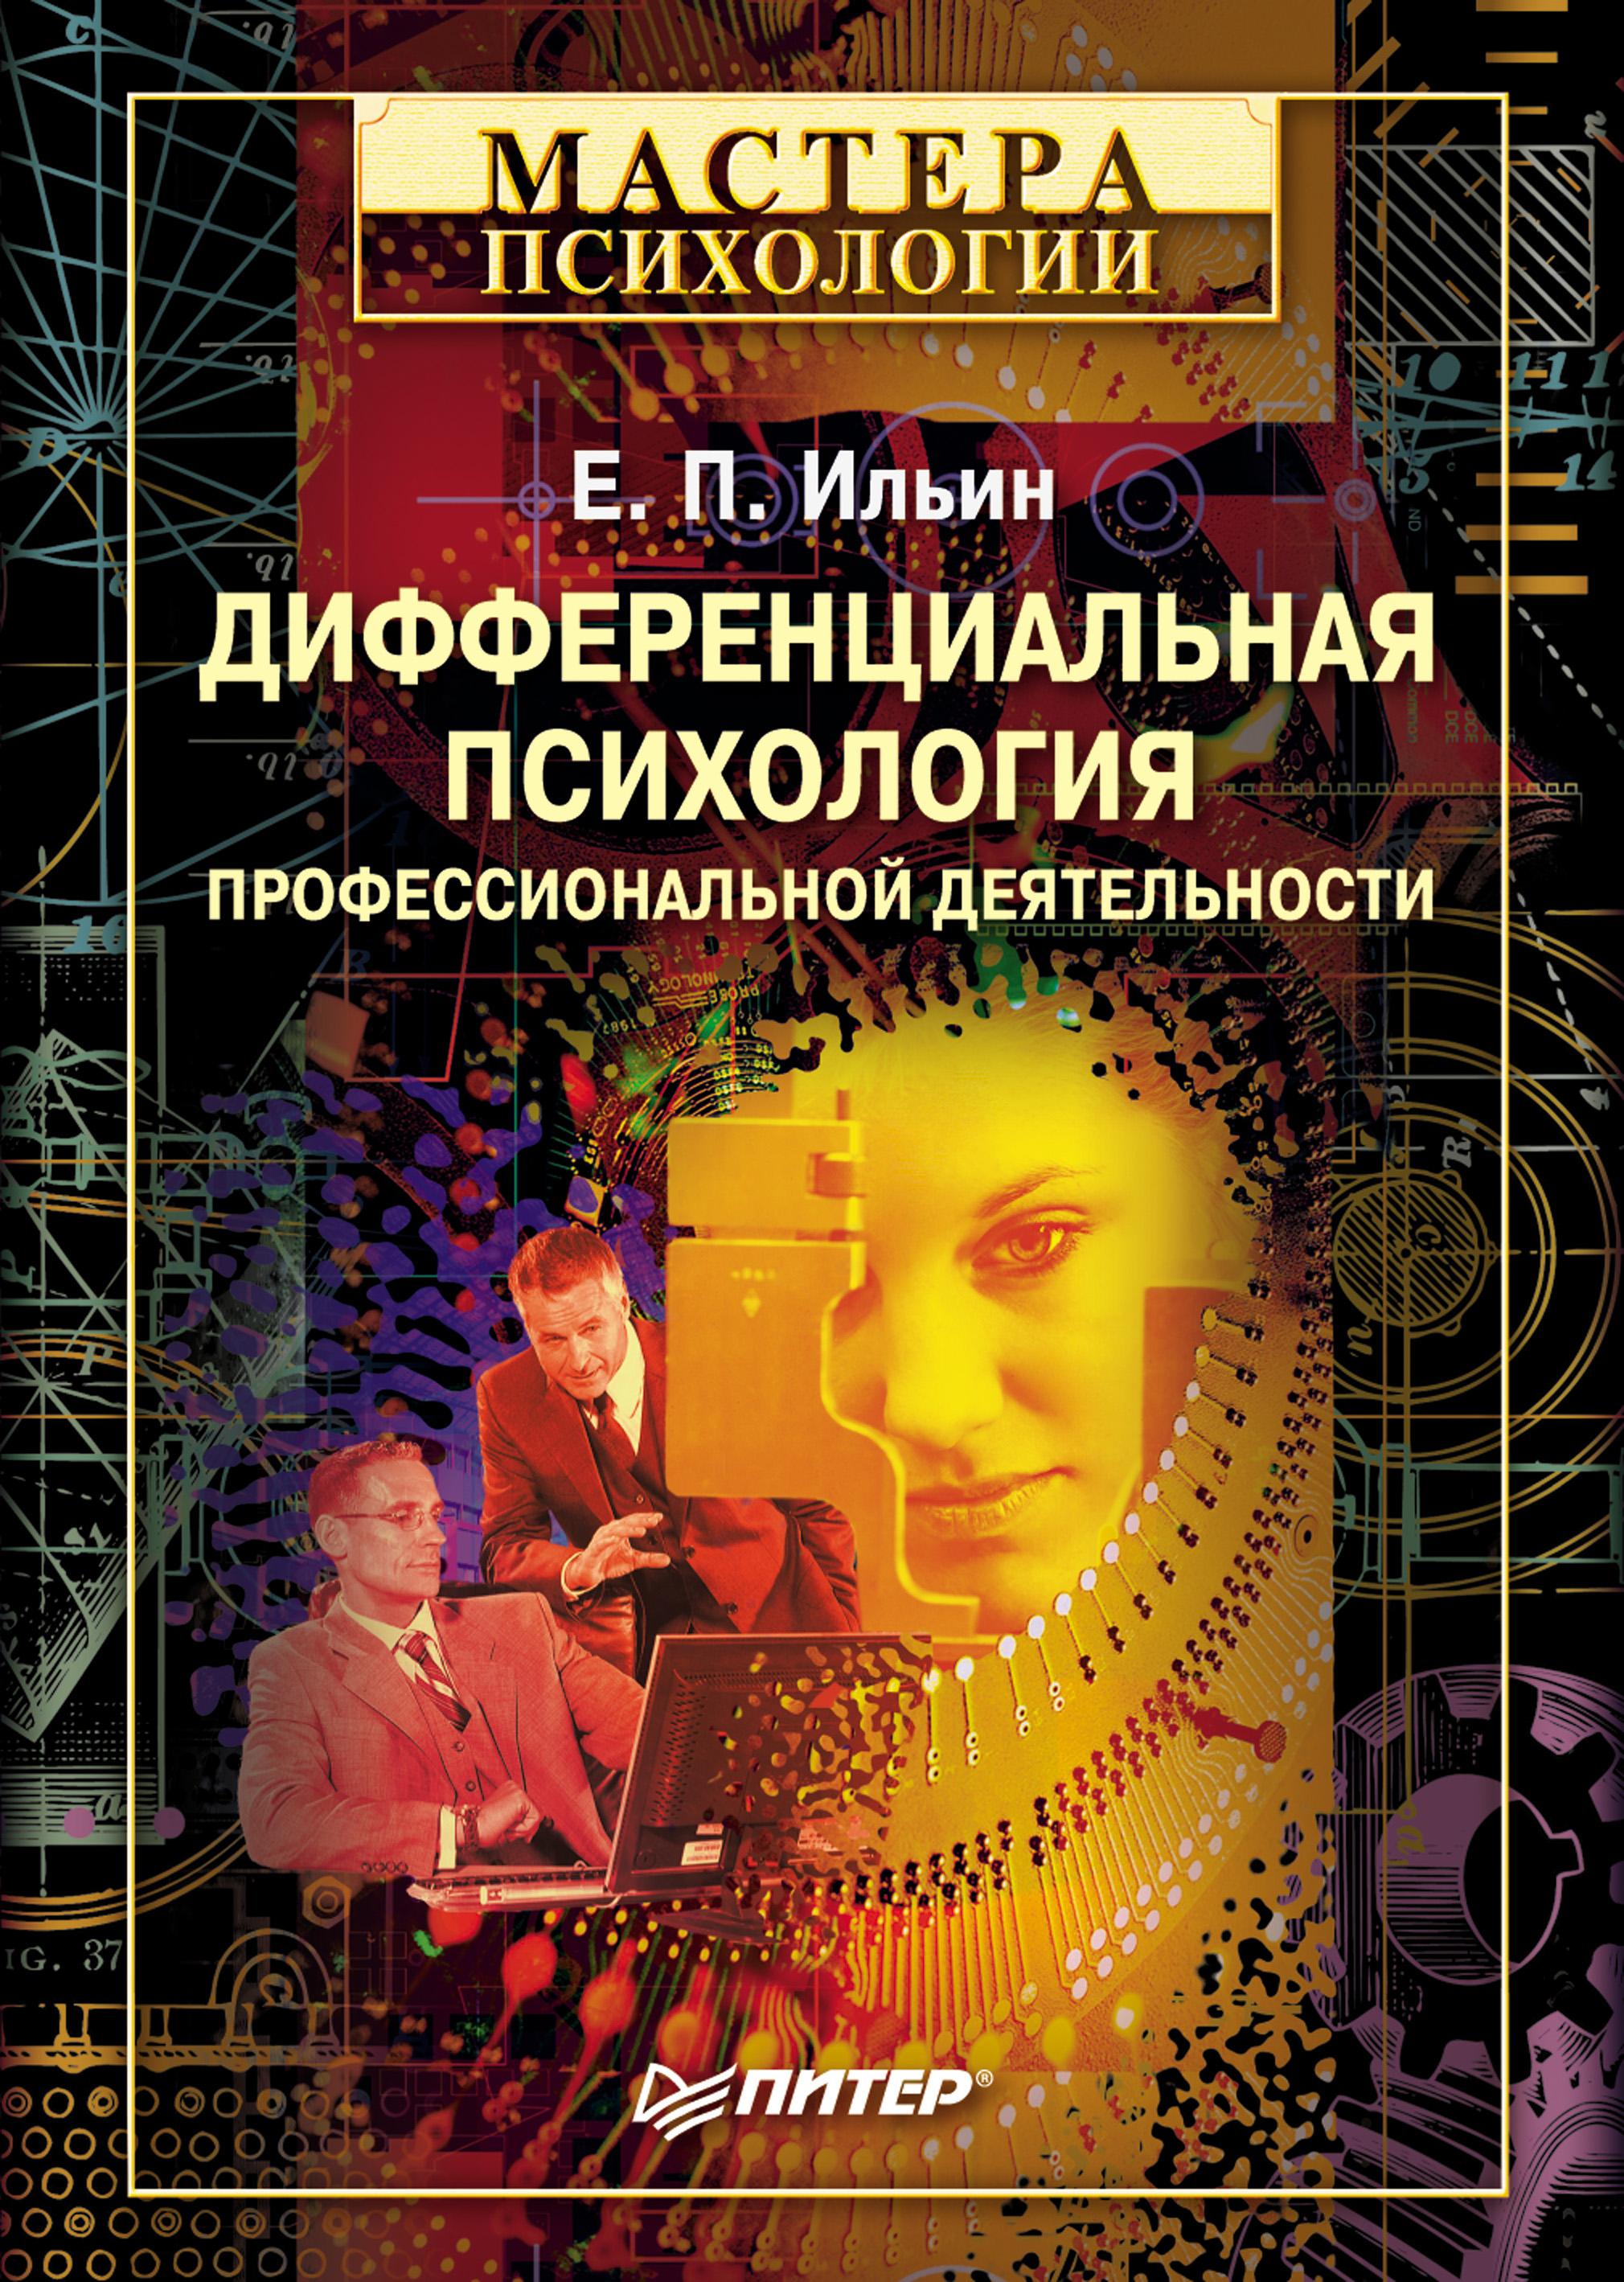 Евгений Ильин «Дифференциальная психология профессиональной деятельности»